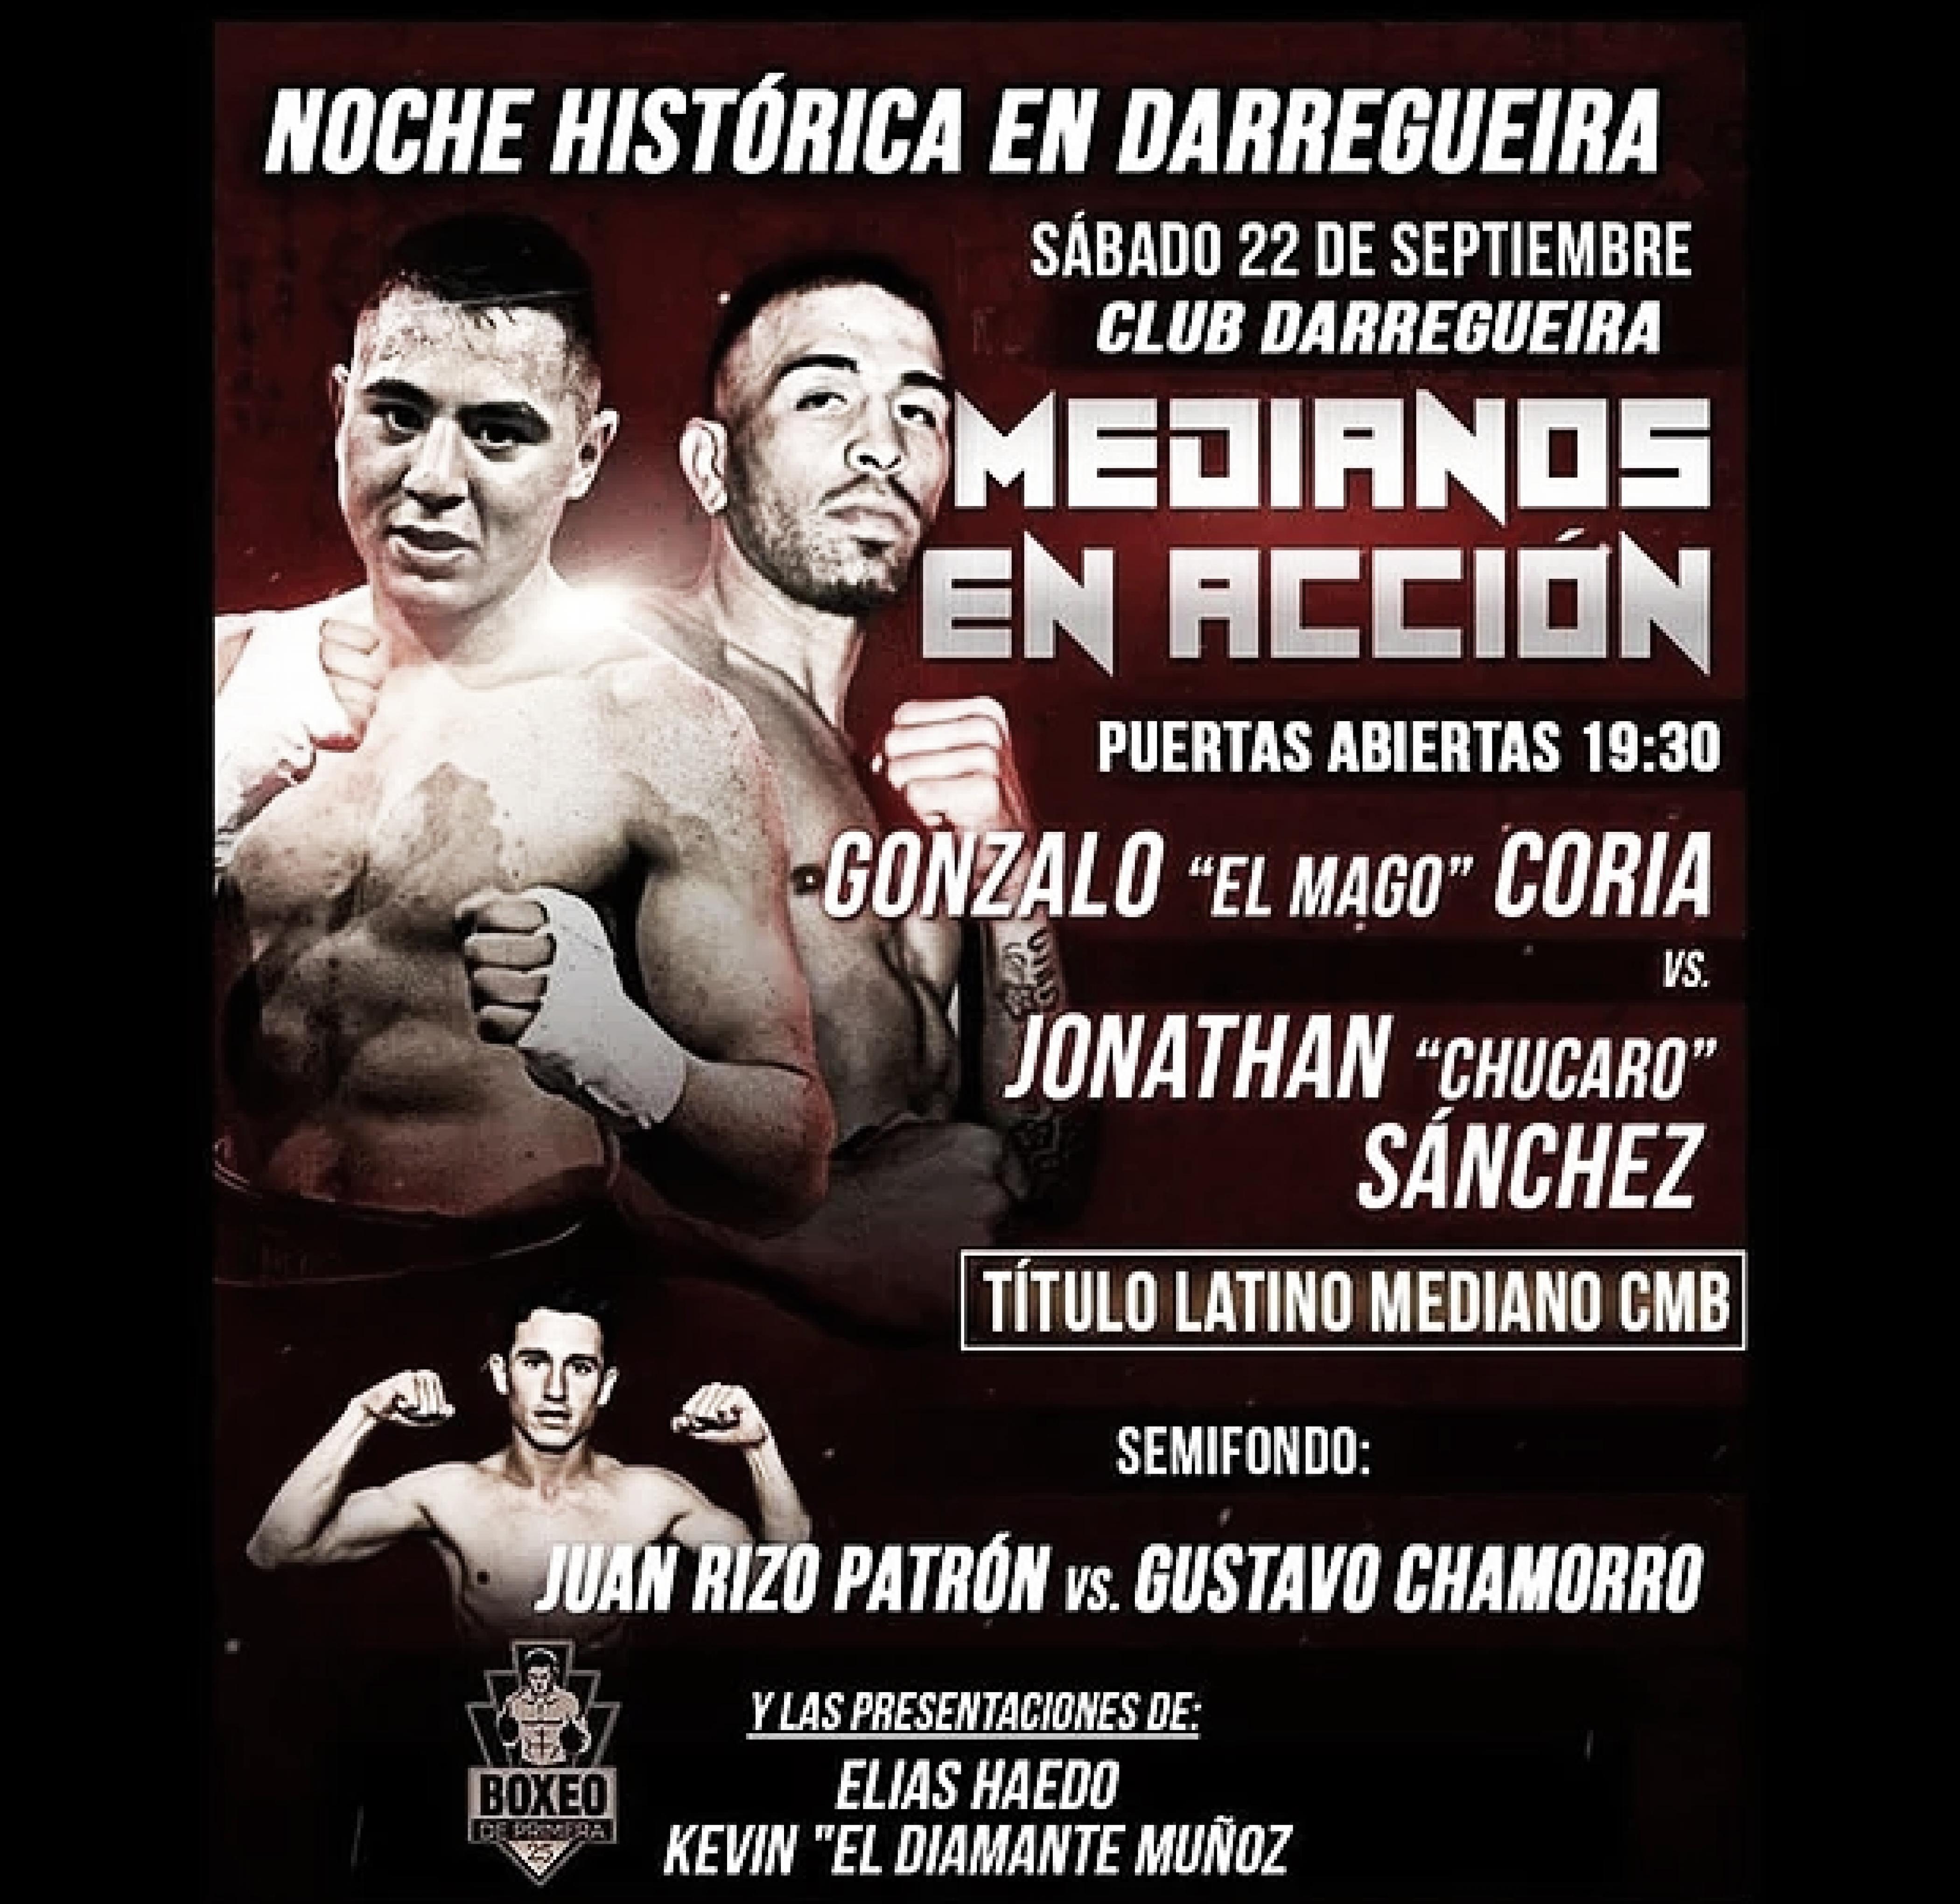 Coria vs Sánchez por el título latino mediano CMB